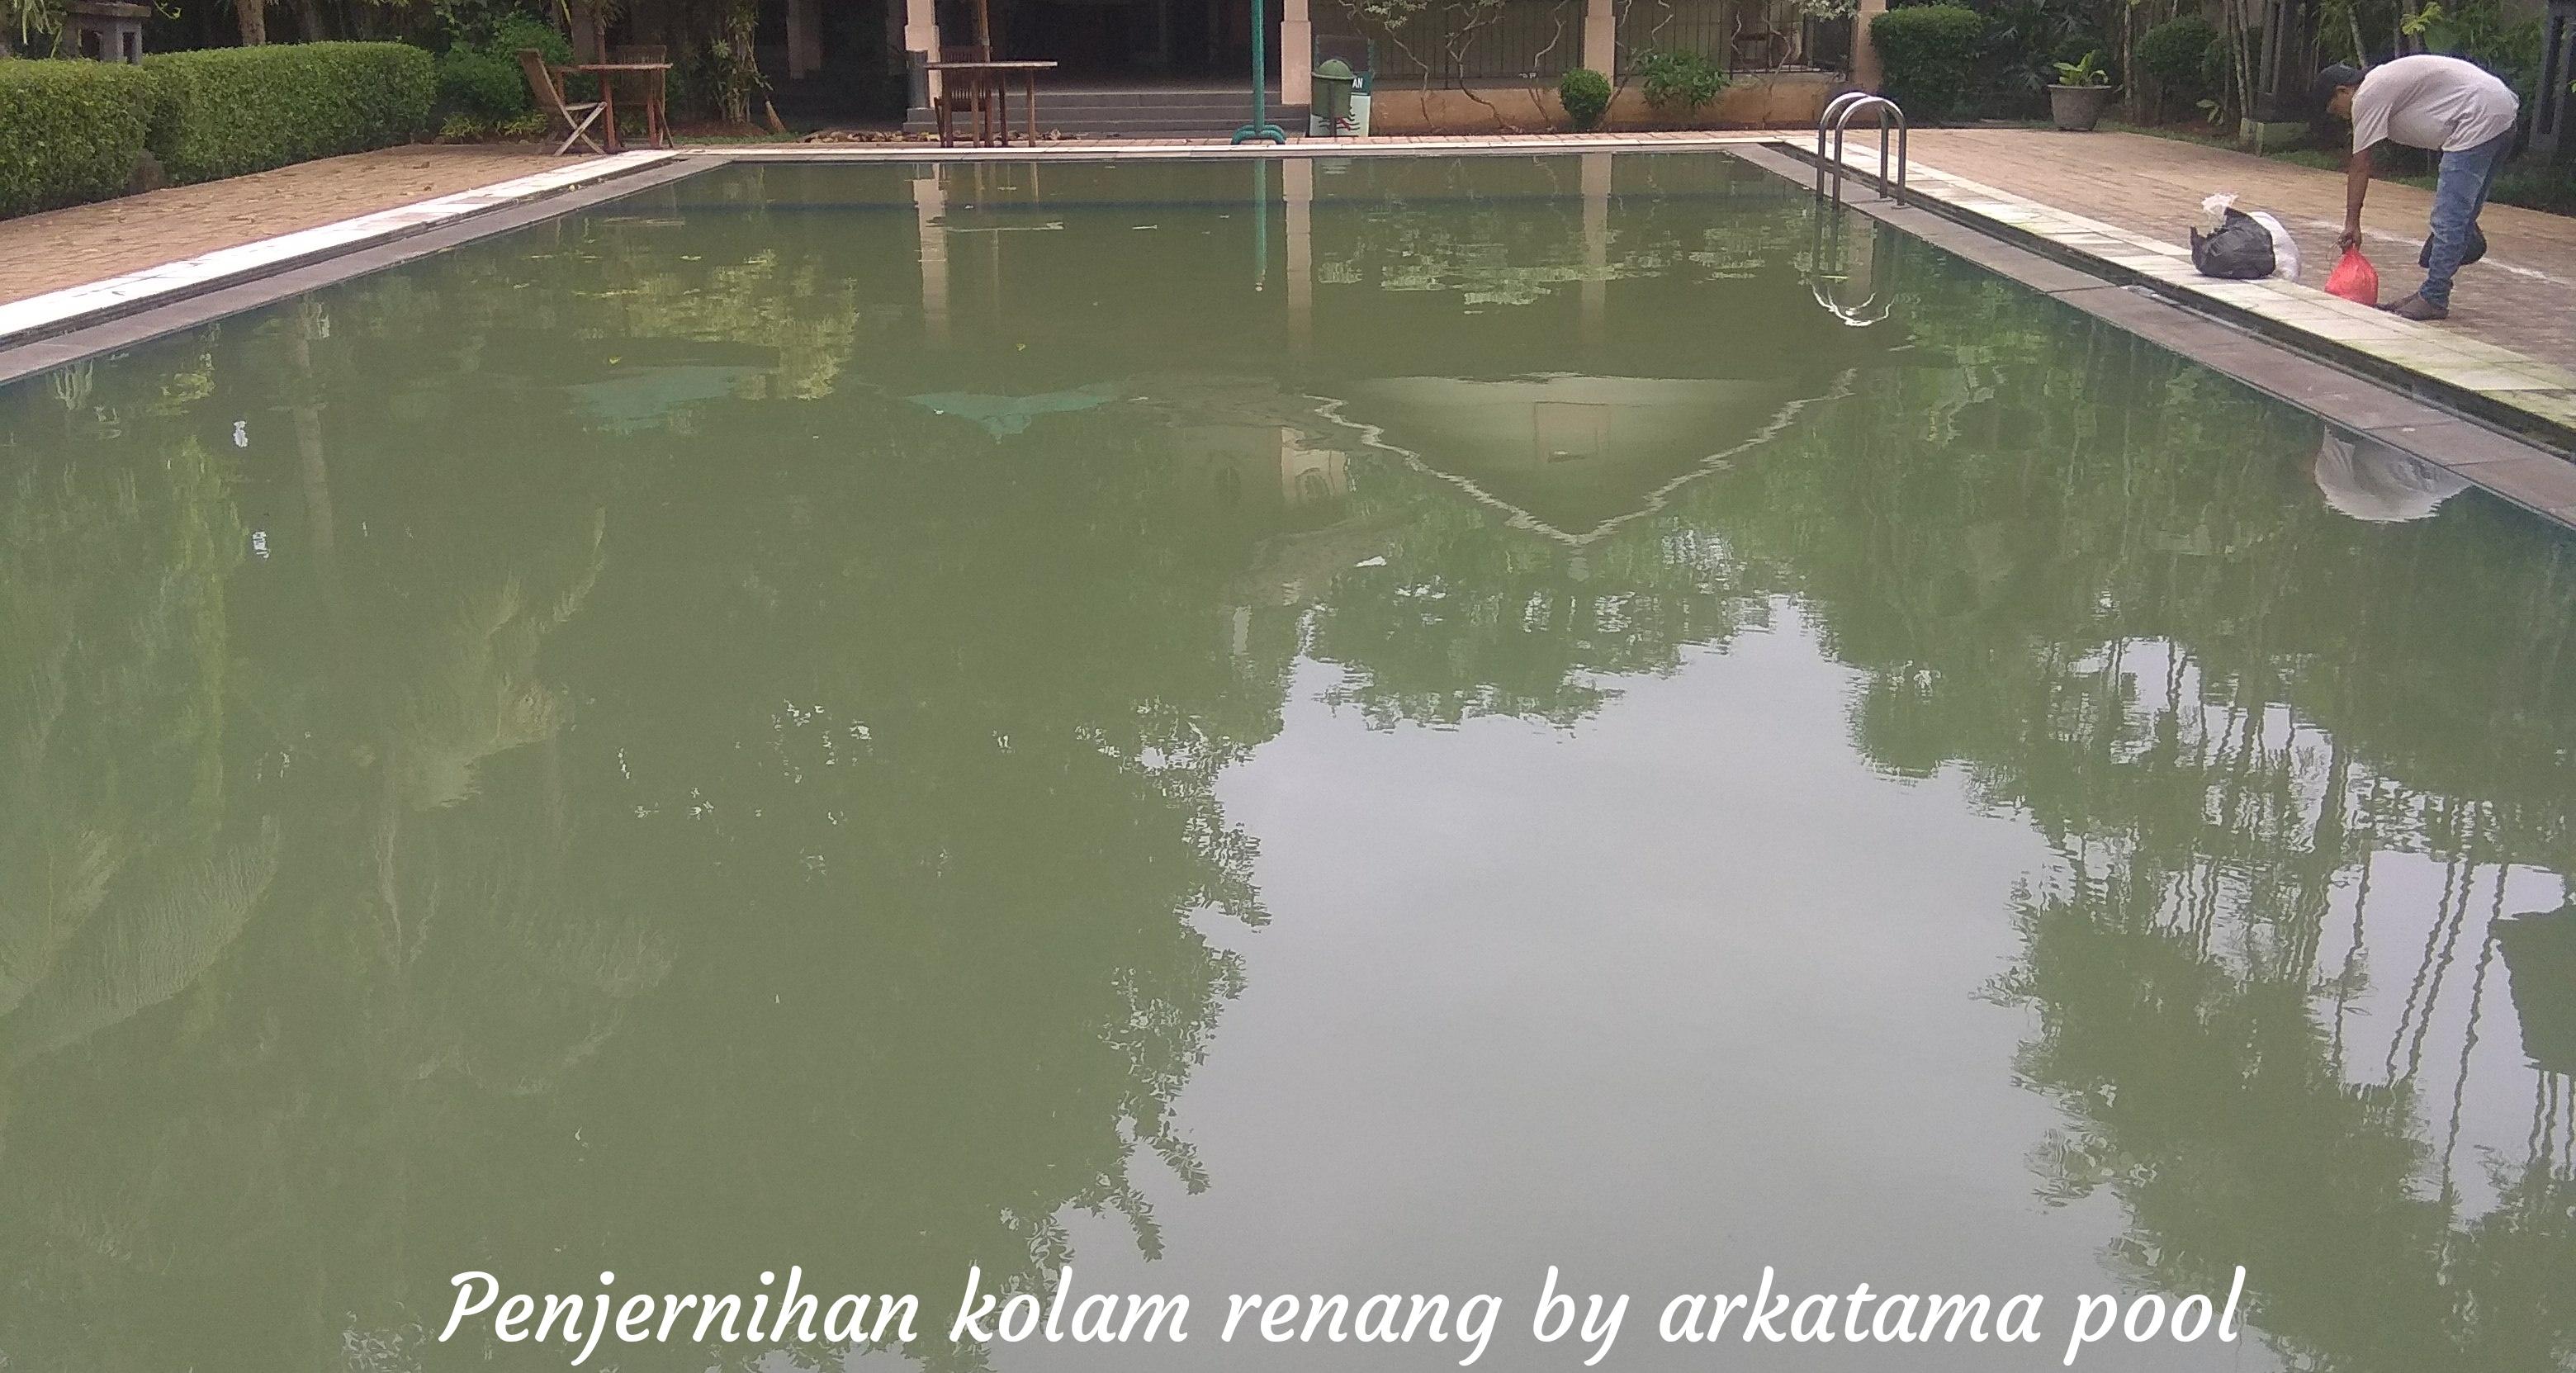 Layanan jasa penjernihan kolam renang JAKARTA SELATAN